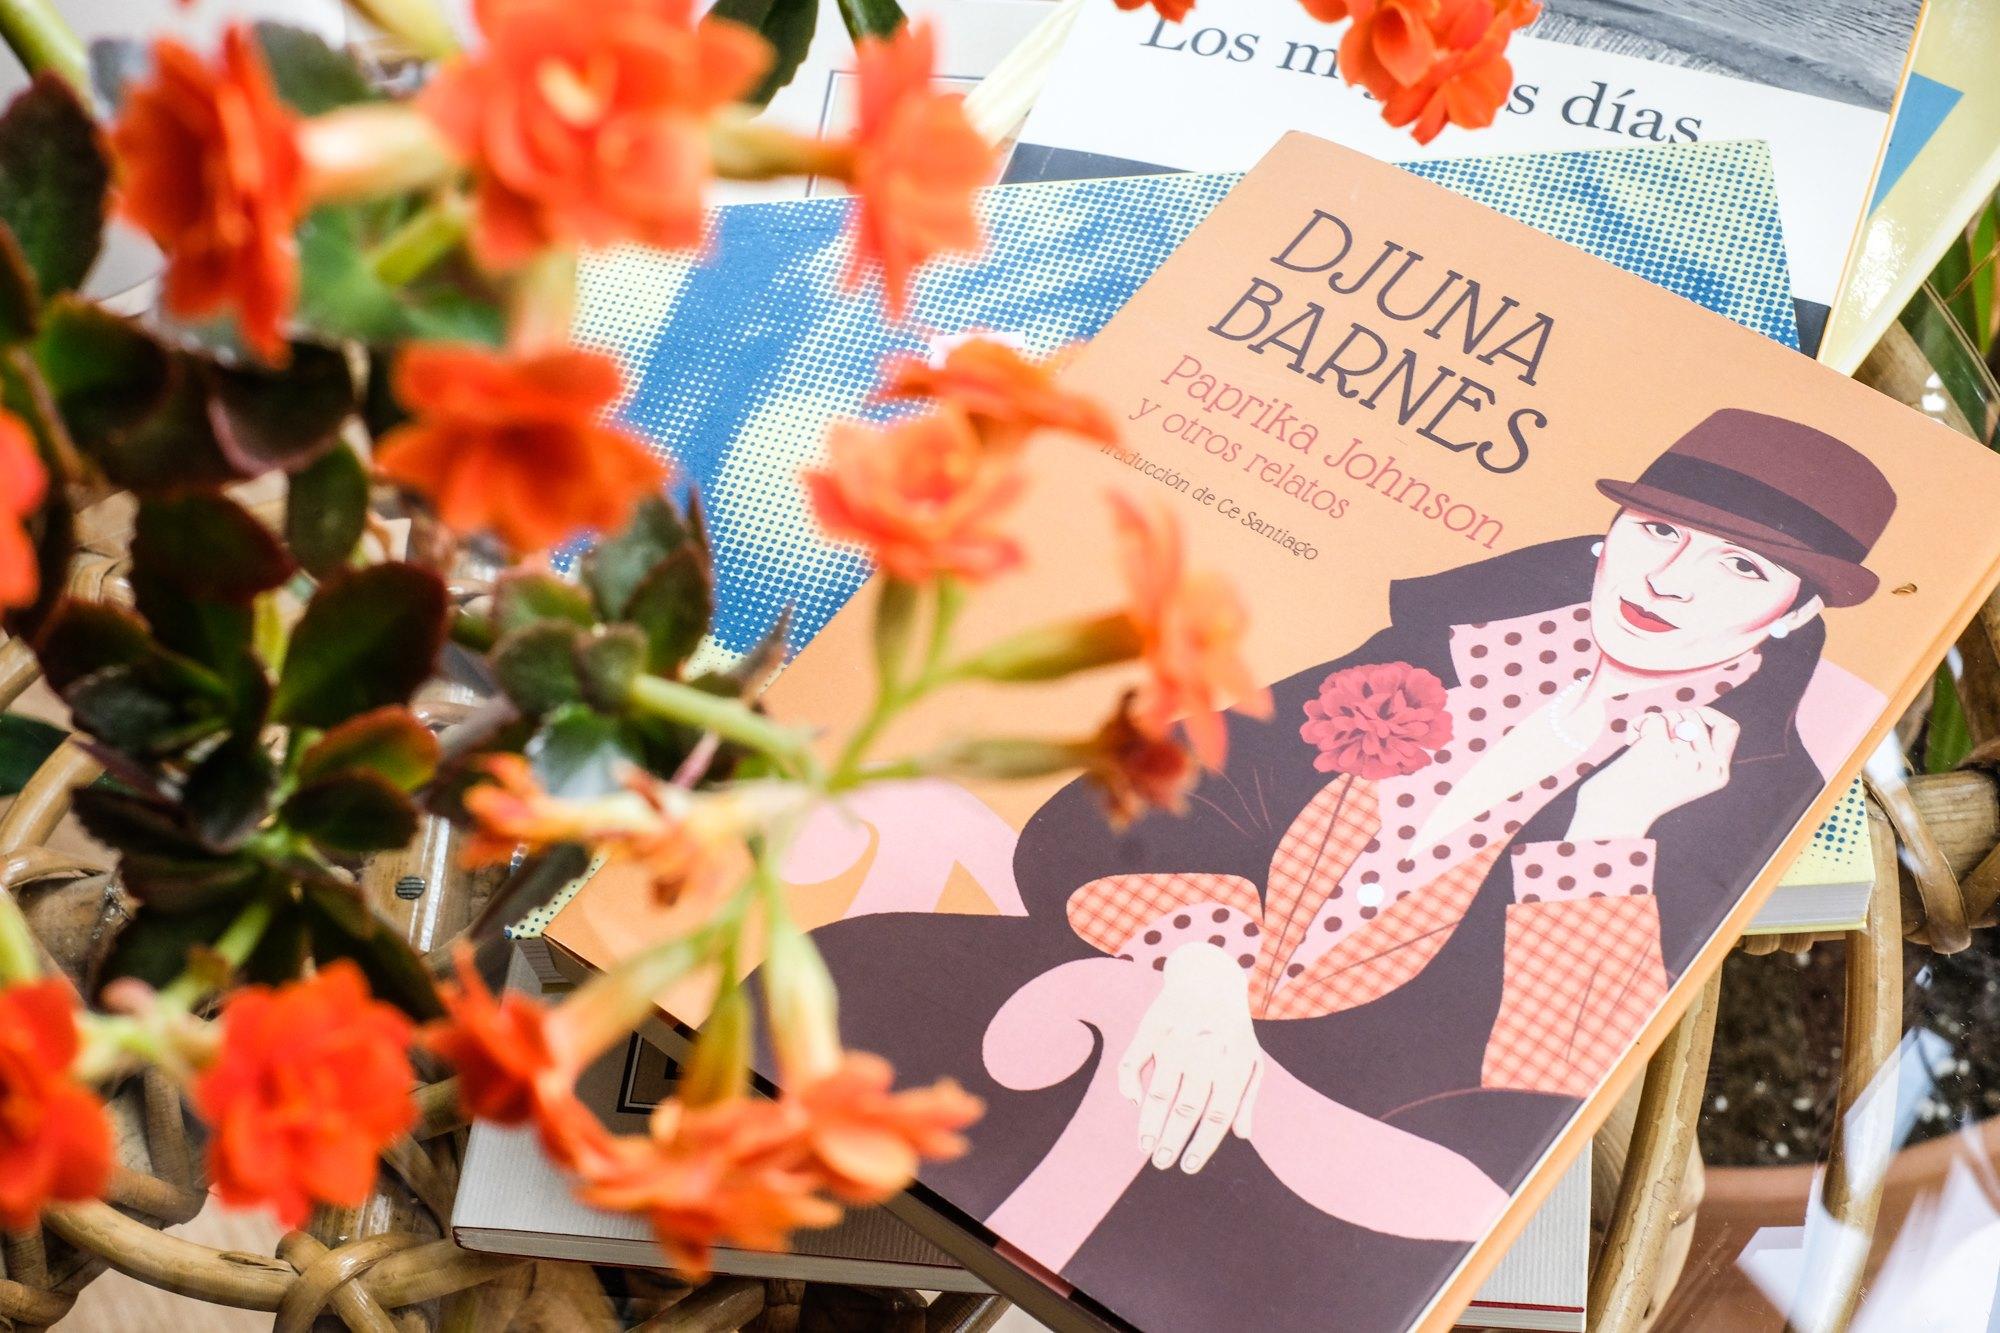 Djuna Barnes - Paprika Johnson y otros relatos